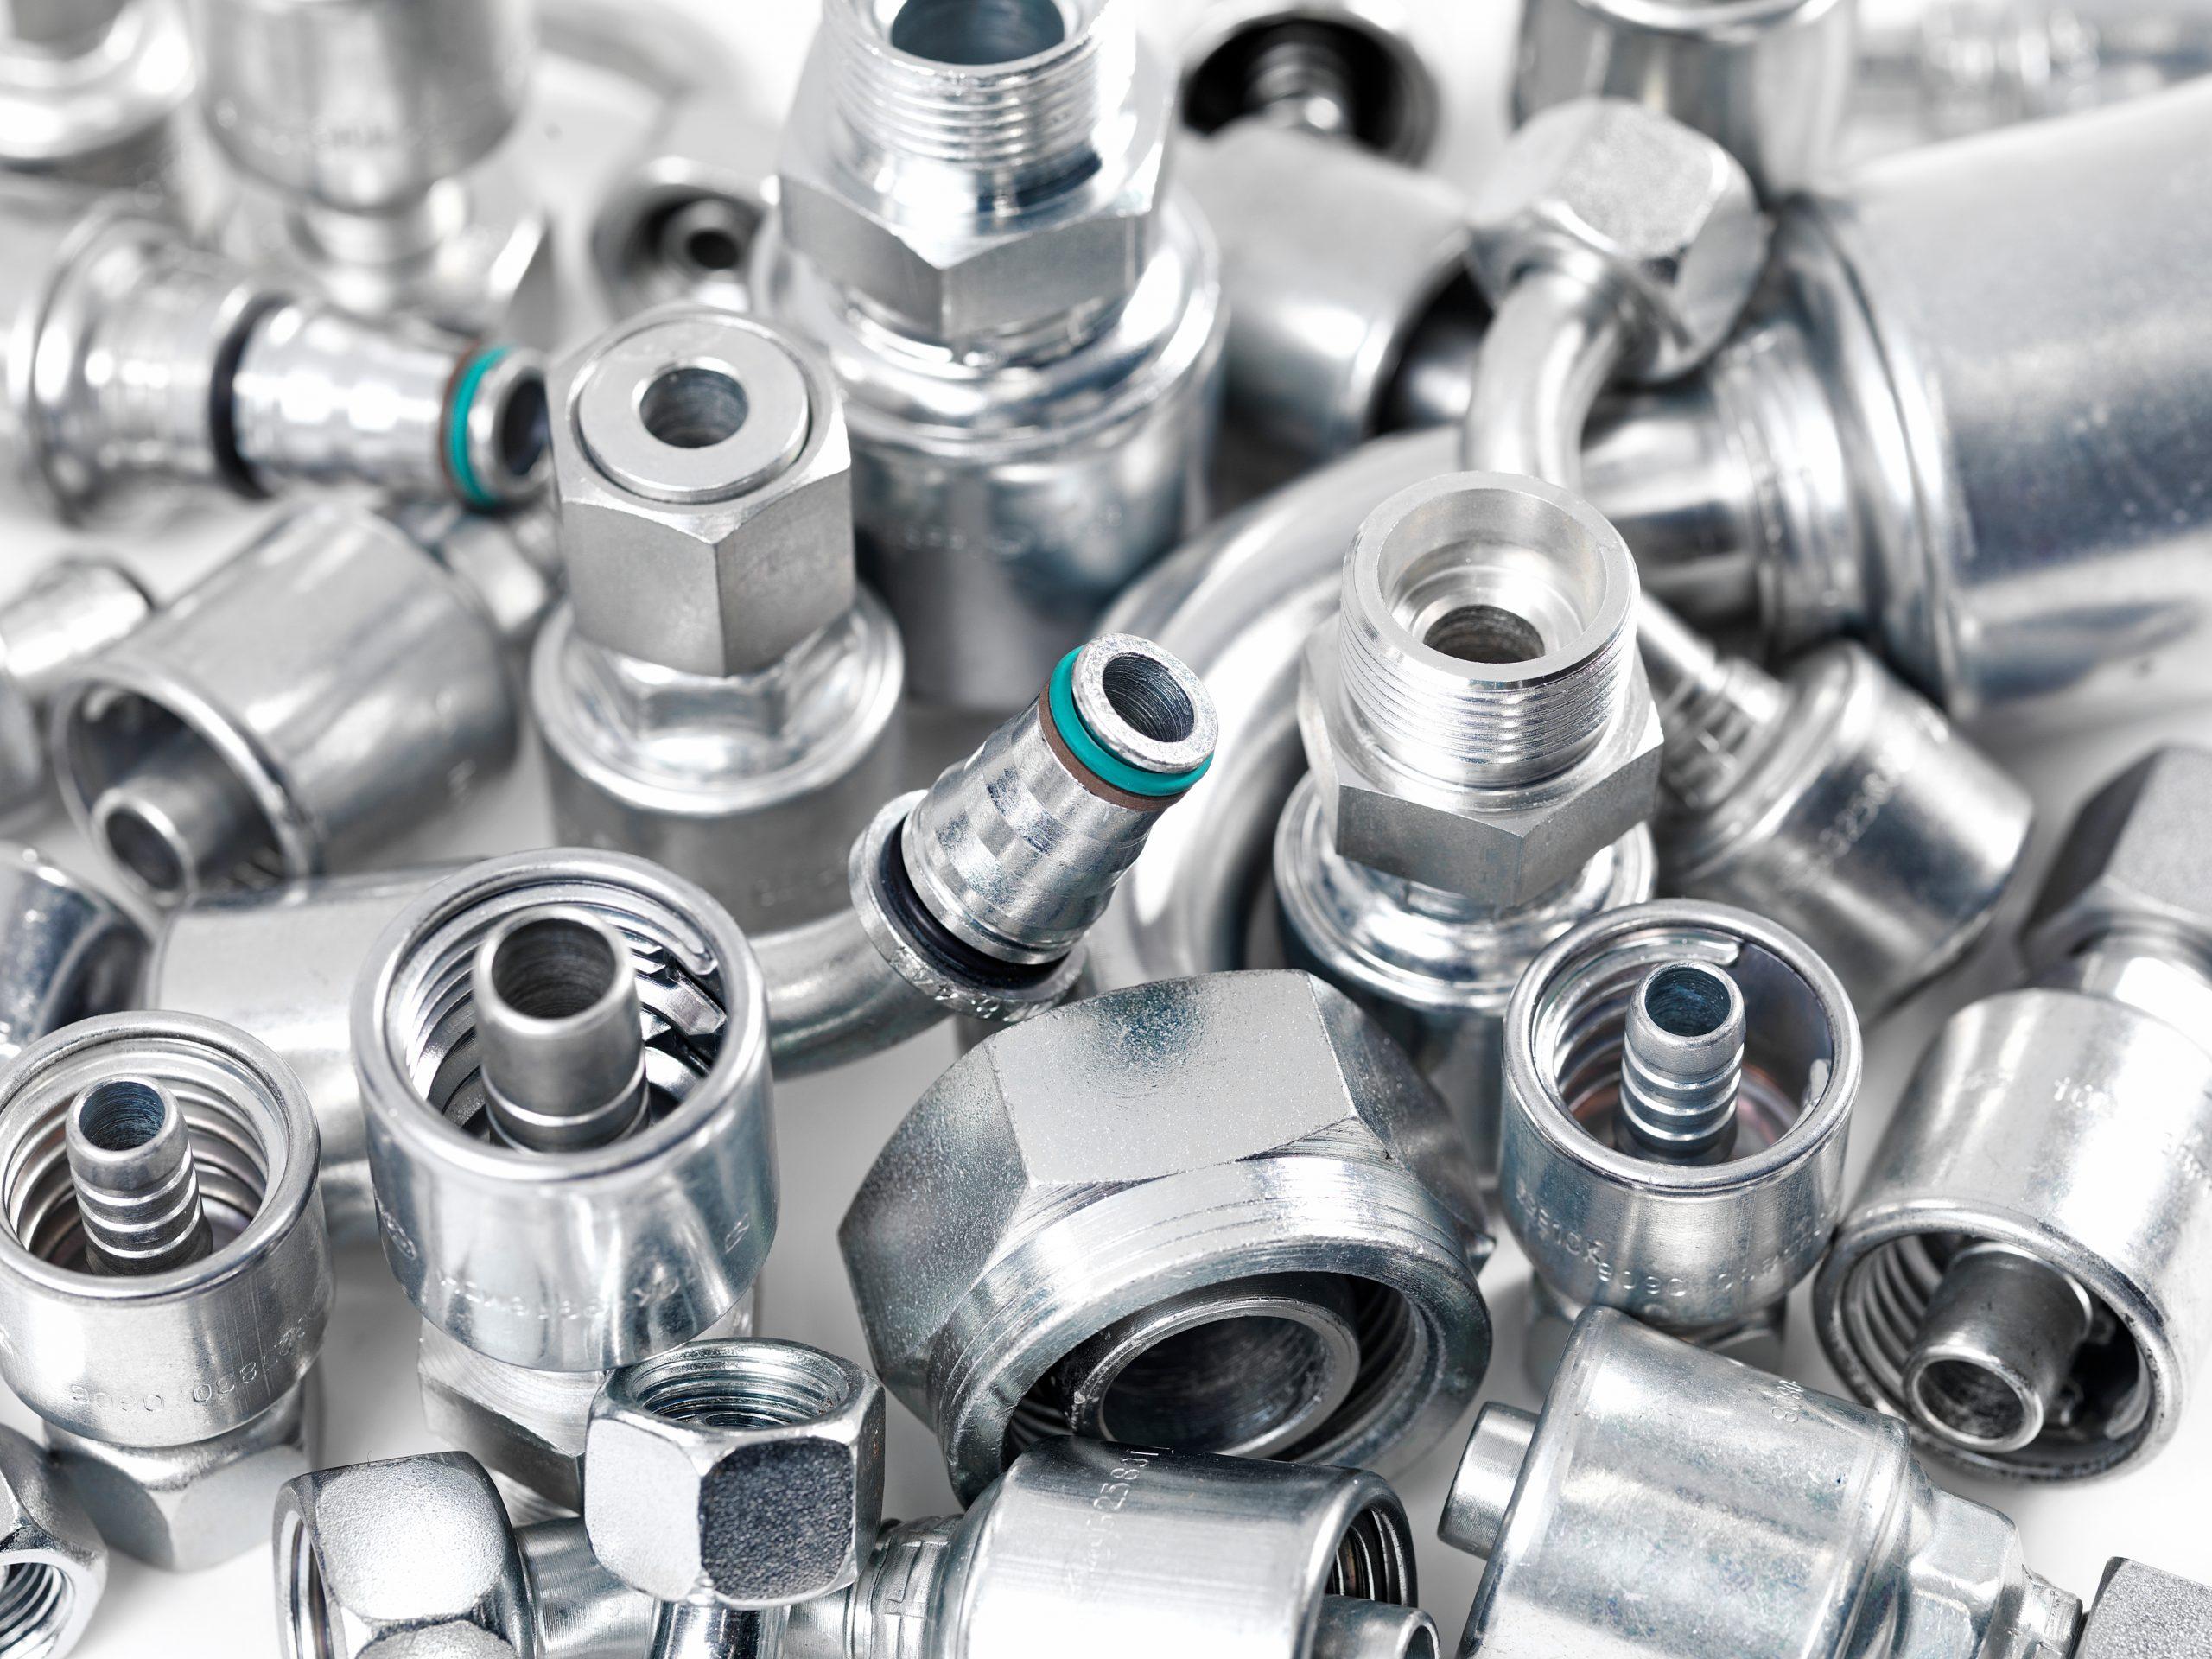 Vedrørende den nye kontrakten kan TEHI AS tilby nye produkter i rustfritt stål